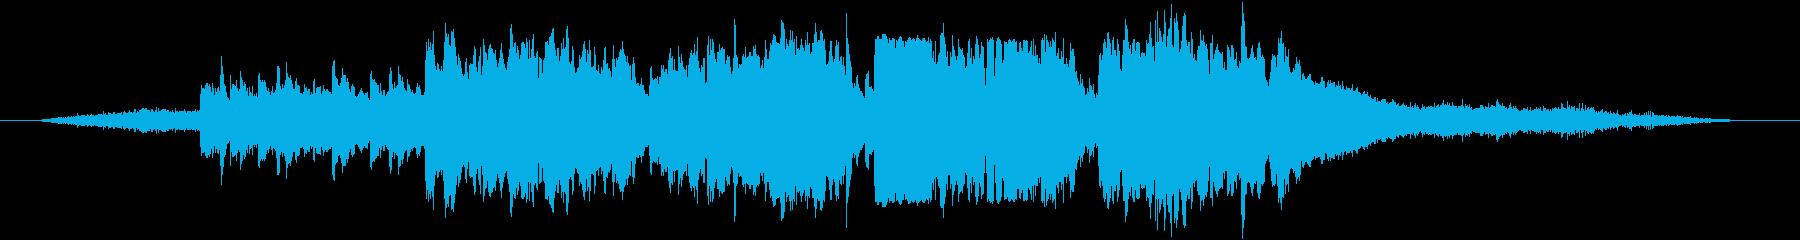 ファンファーレが聴こえた日の再生済みの波形